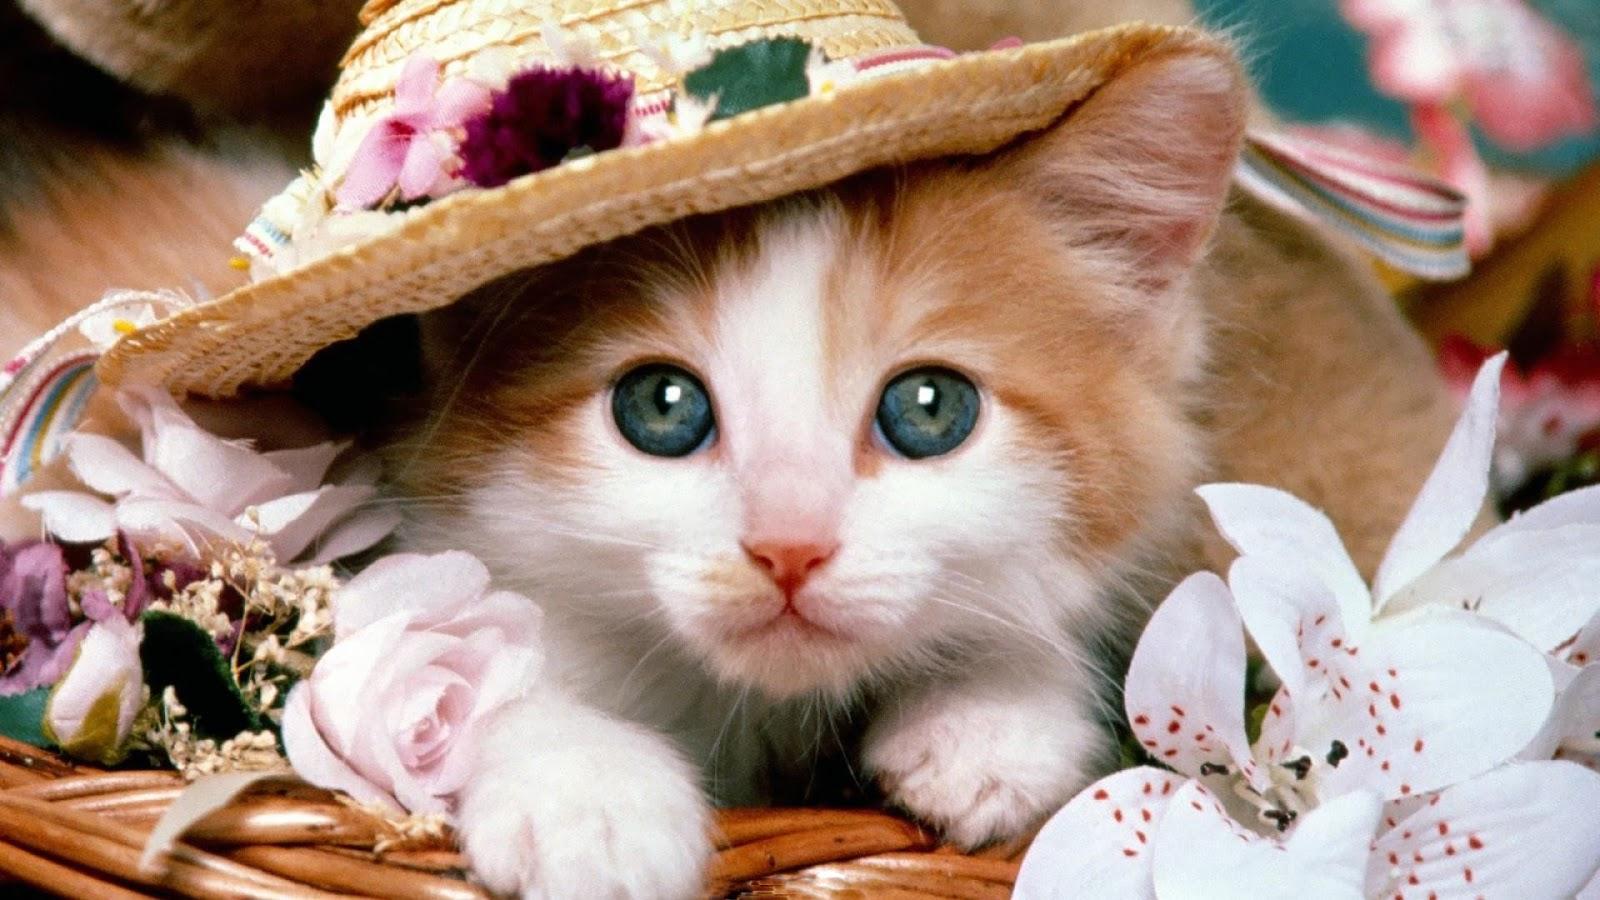 بالصور صور قطط كيوت , قطط شكلها جميل 4857 1